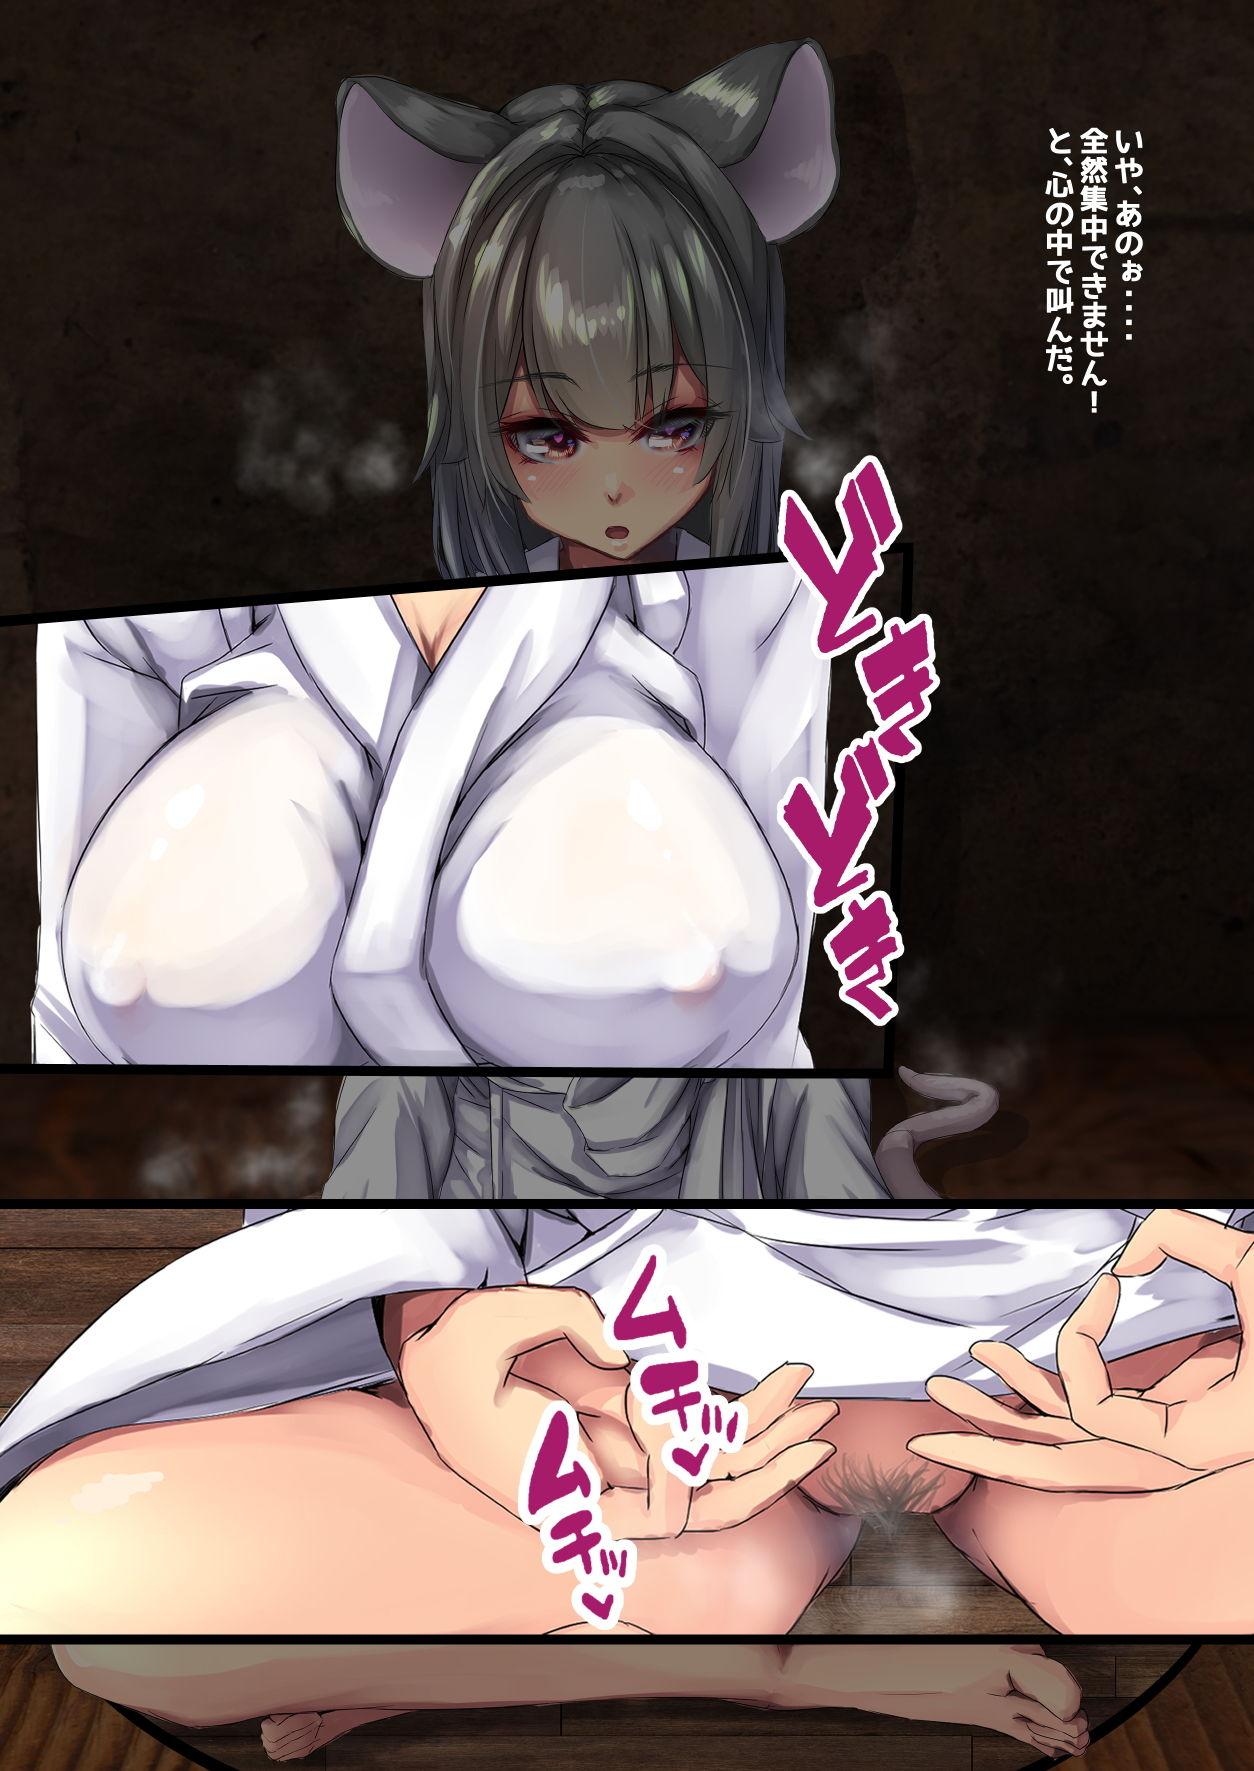 ナズーリンと性修行~ゆきばこ2020年12月エアコミケ2号~